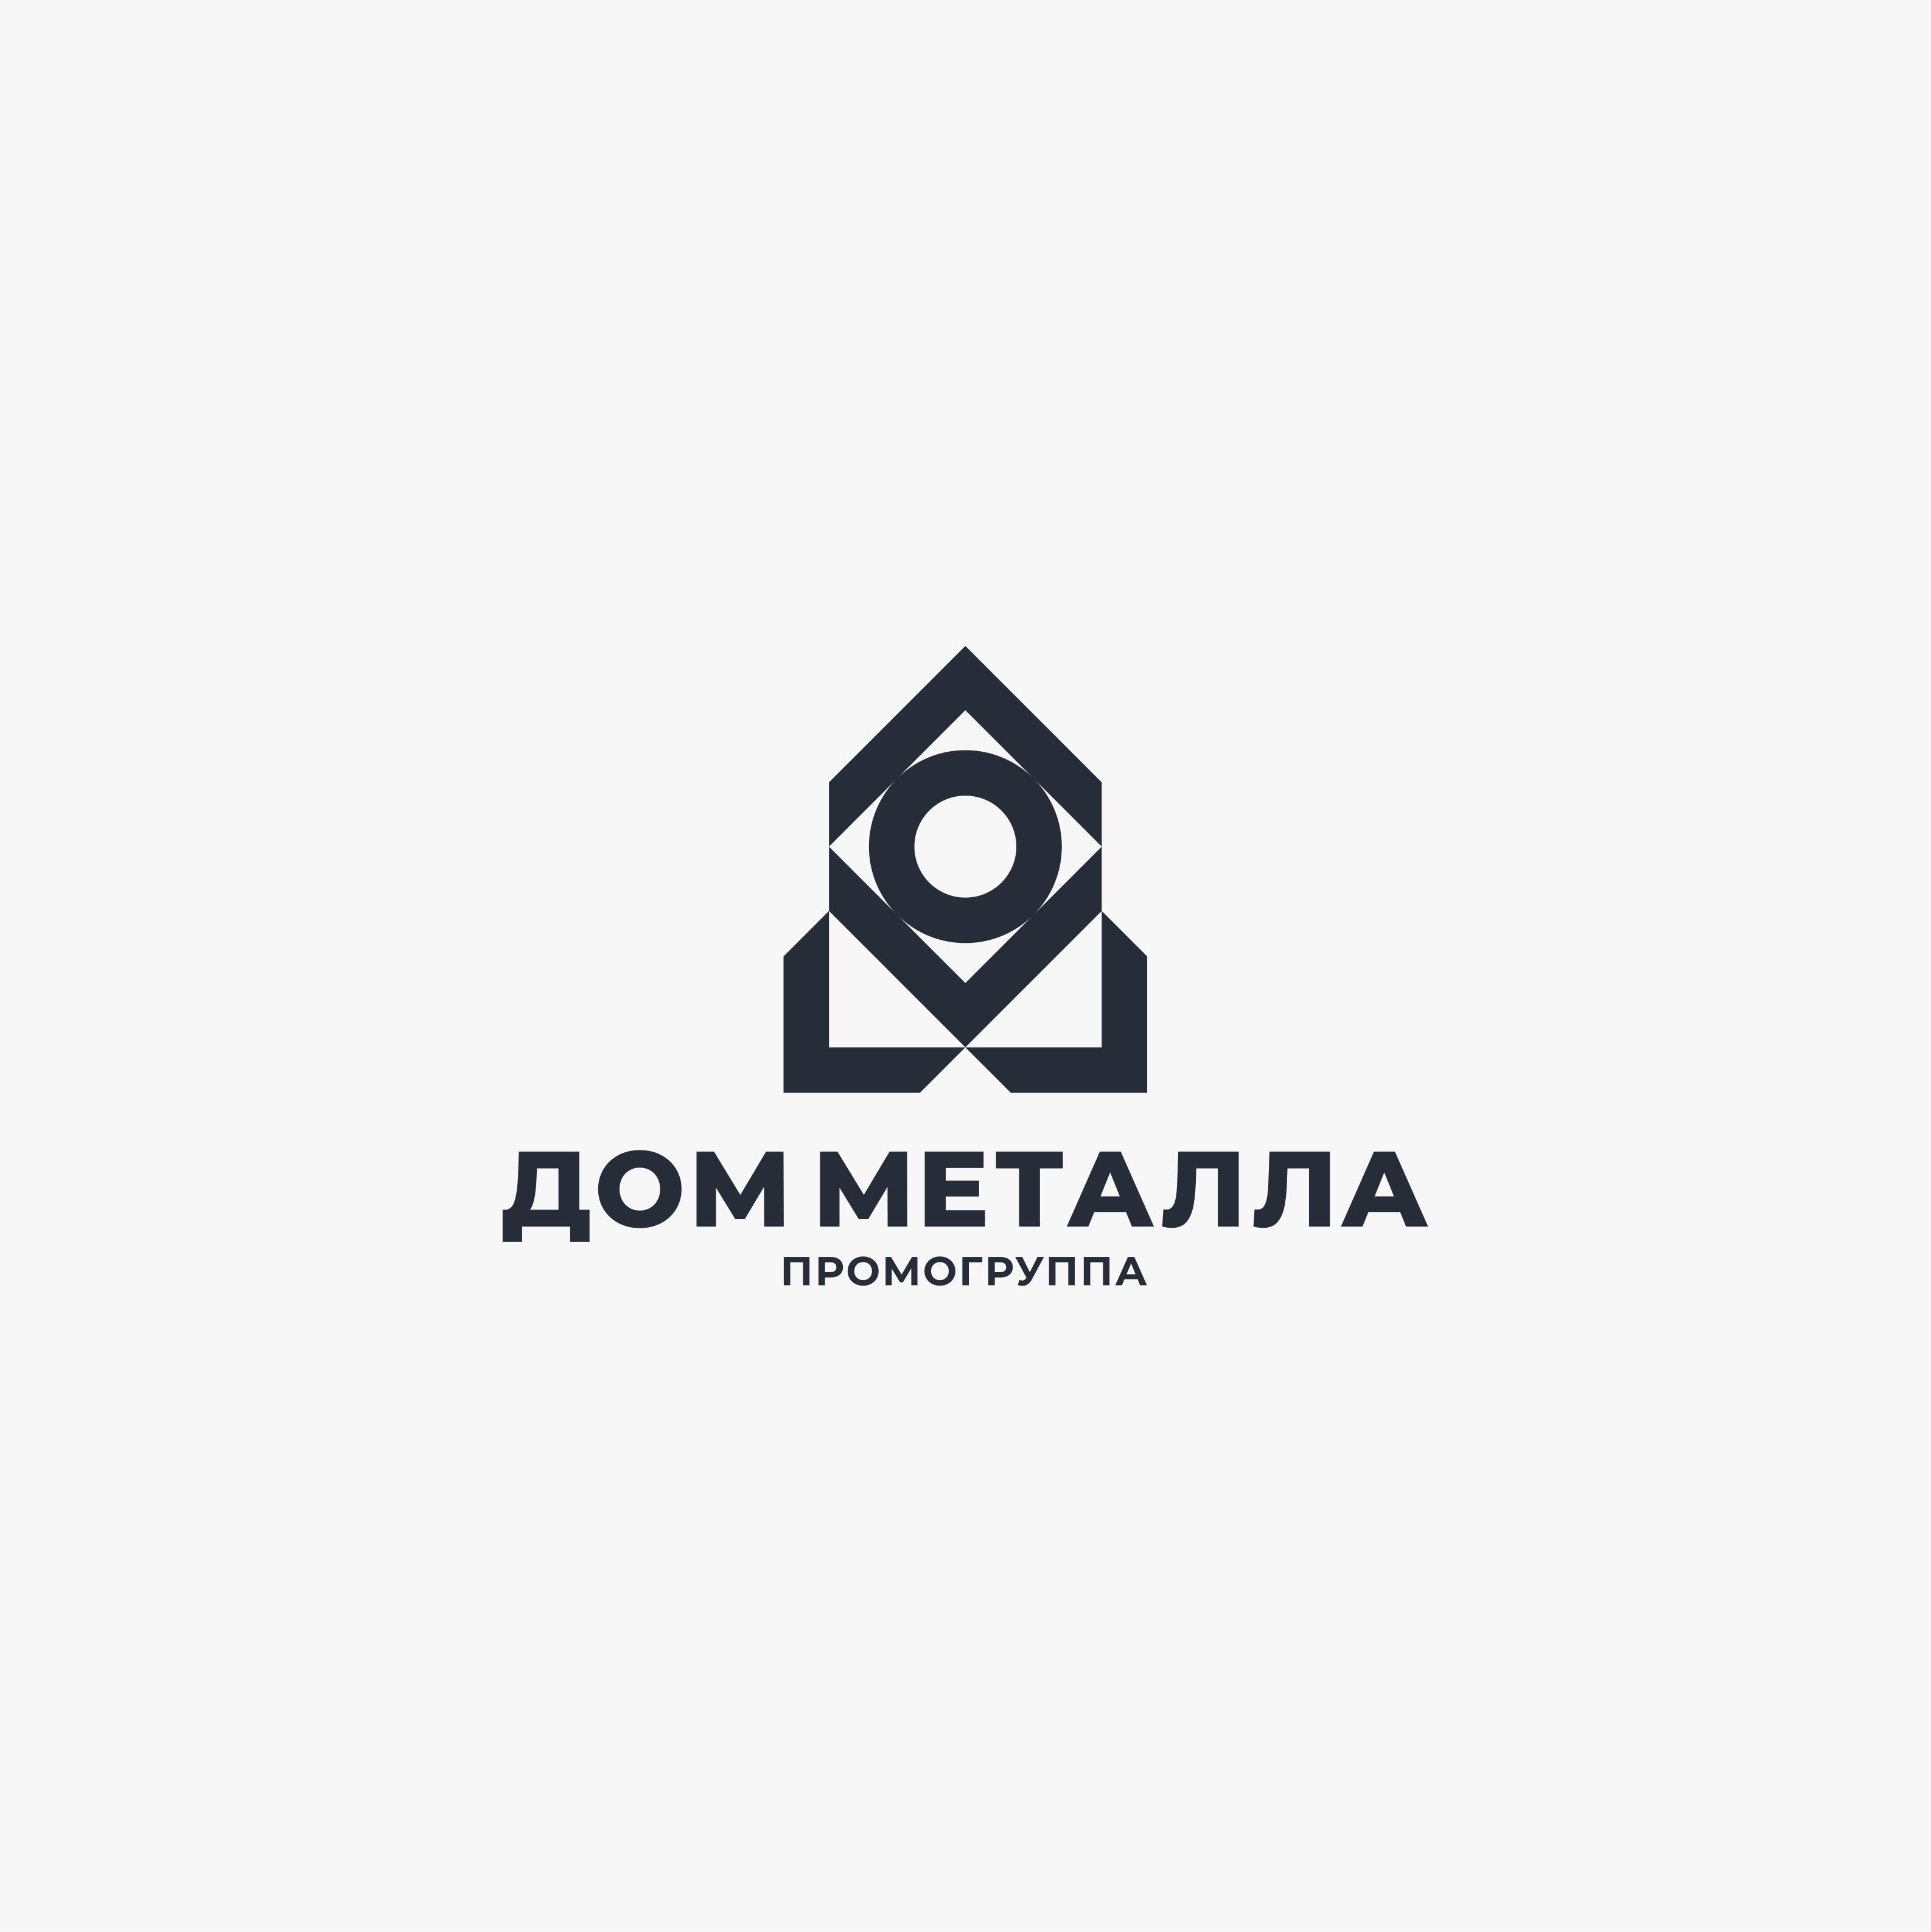 Разработка логотипа фото f_6145c5d5a2390040.png